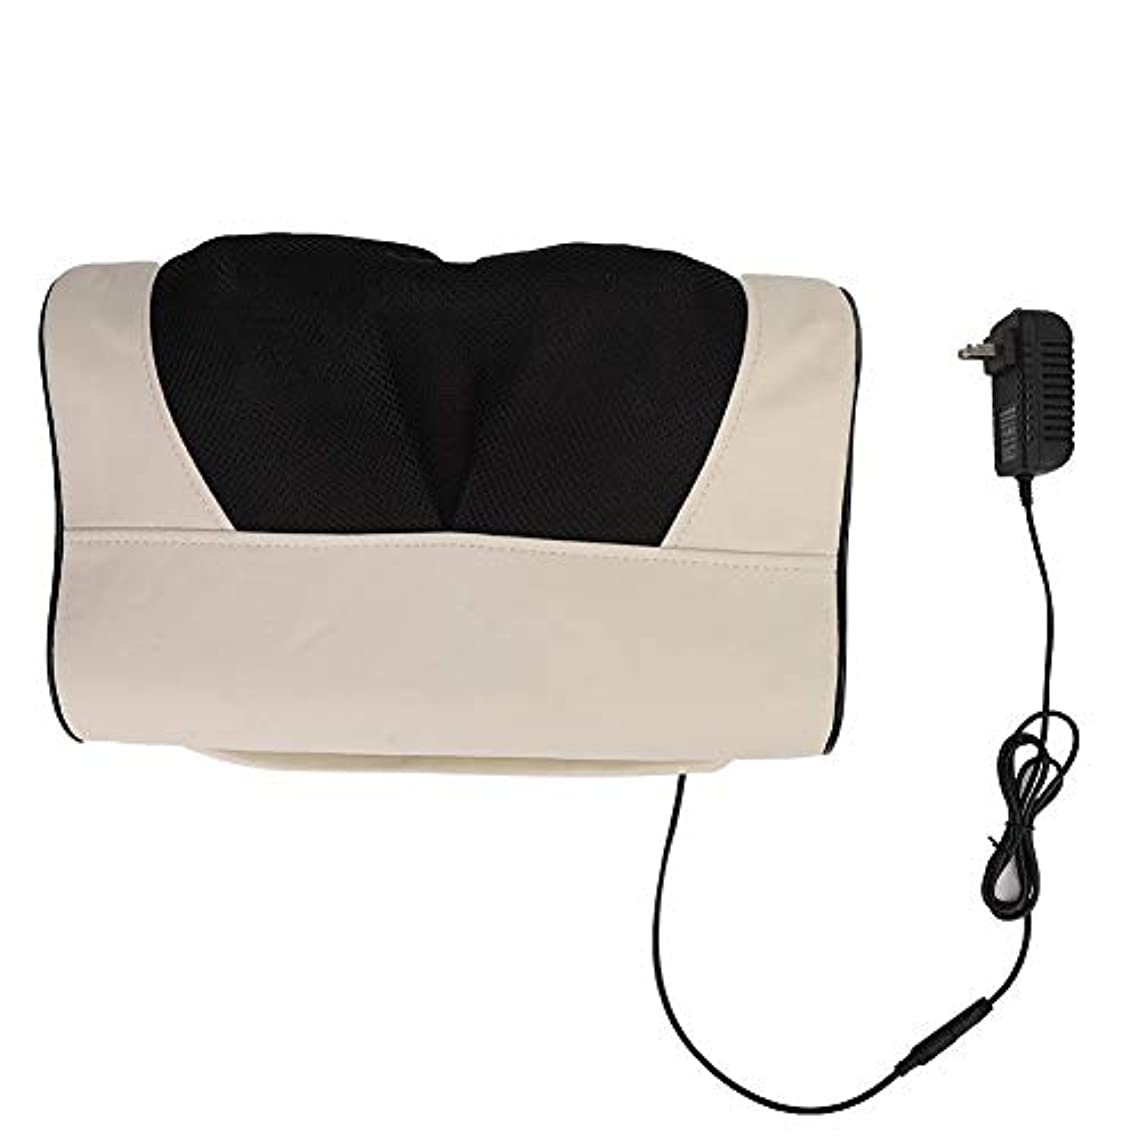 構成員恥他の日マッサージ枕、多機能頸椎ネックショルダーマッサージャー電動マッサージ枕